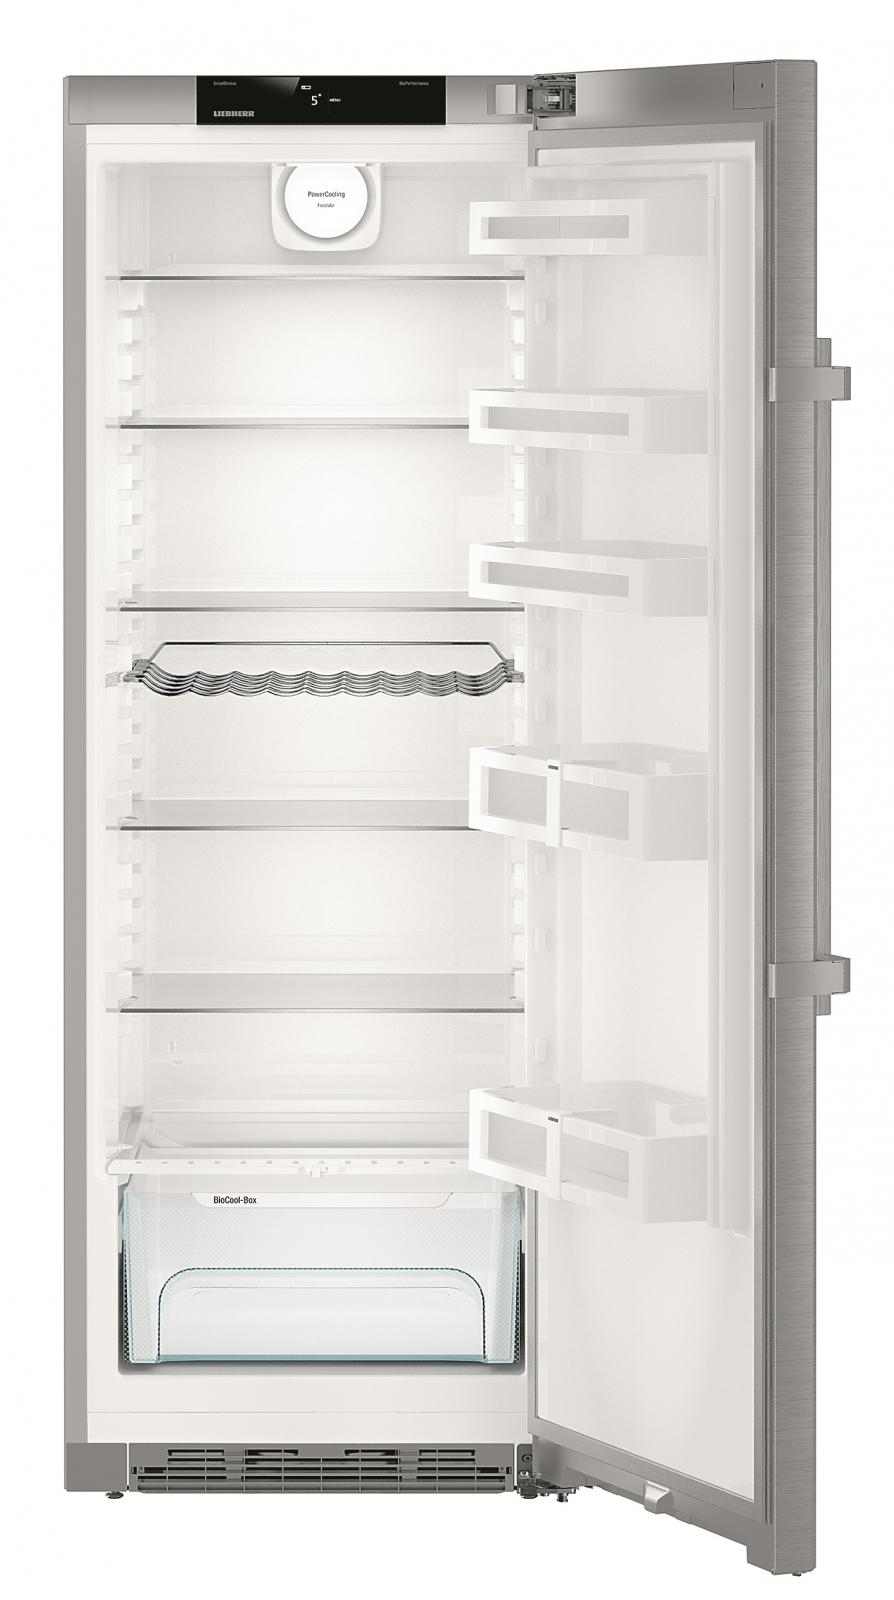 купить Однокамерный холодильник Liebherr Kef 3710 Украина фото 2